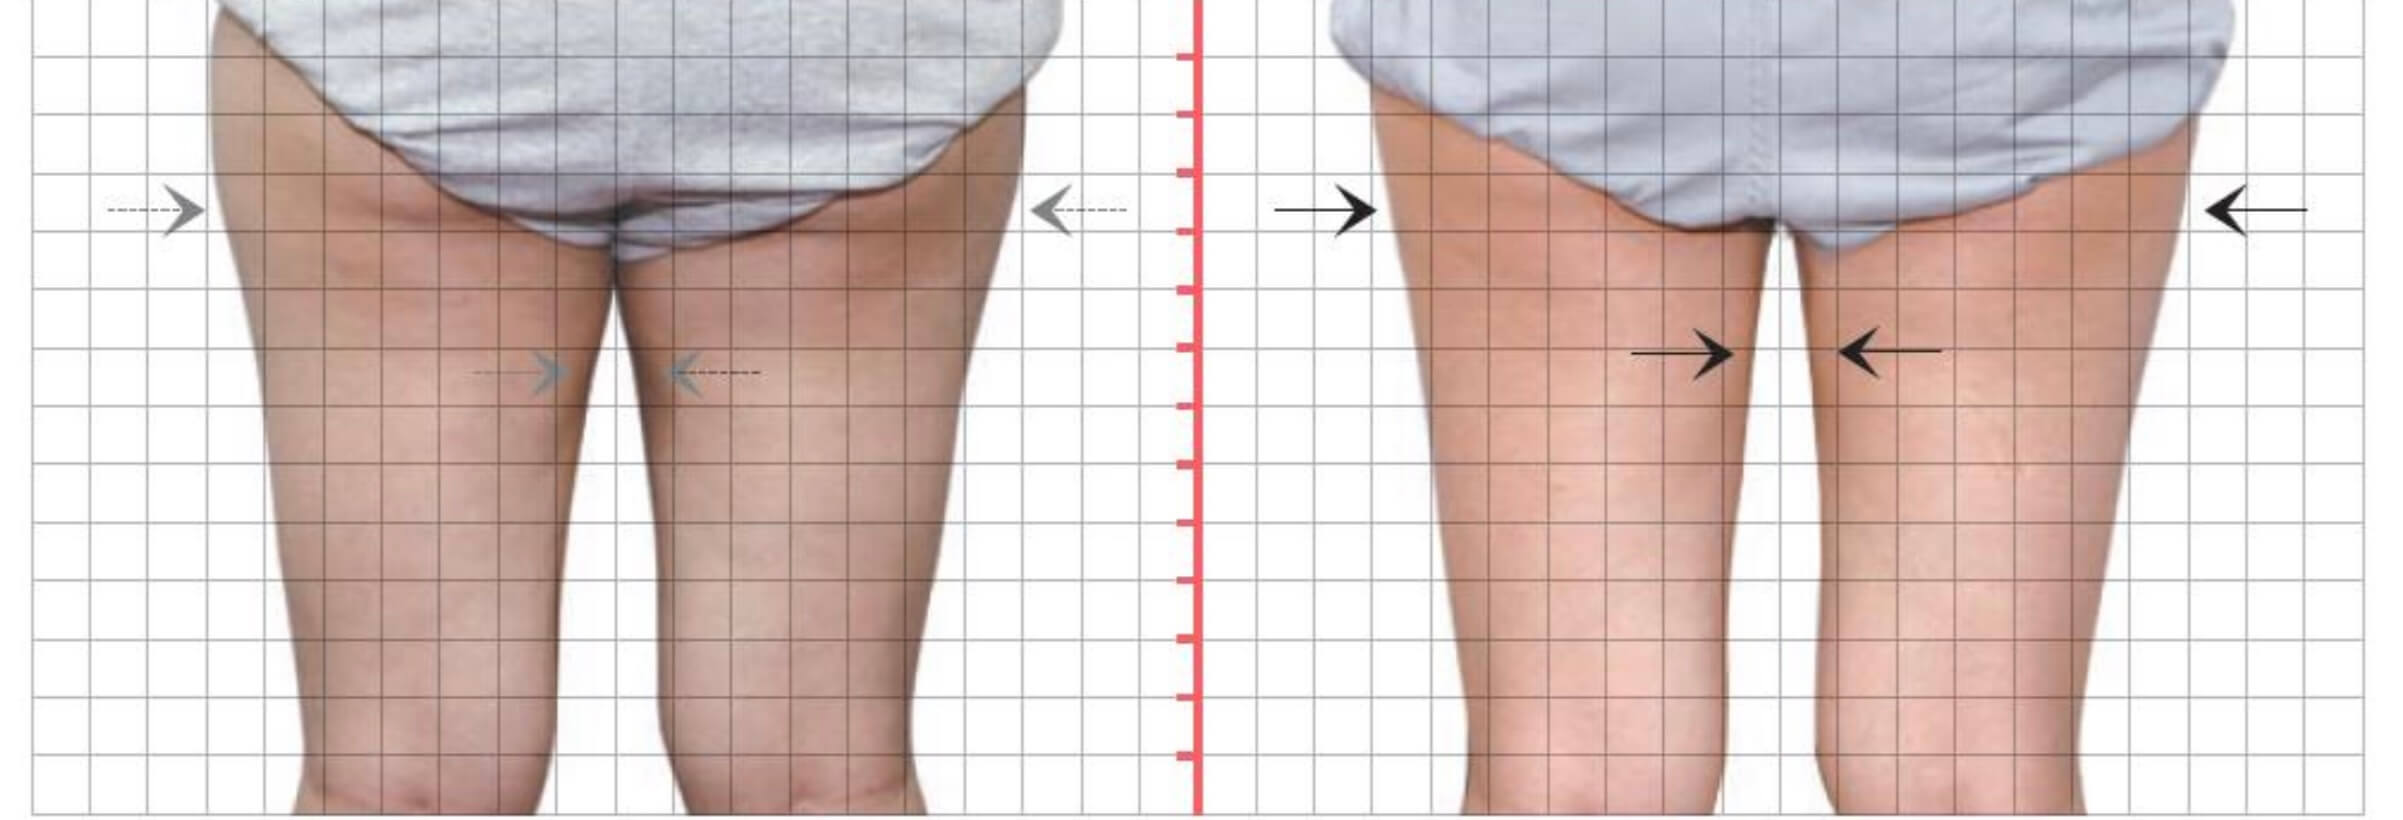 臀下線及雙側大腿外側,酷S冷凍減脂二次治療